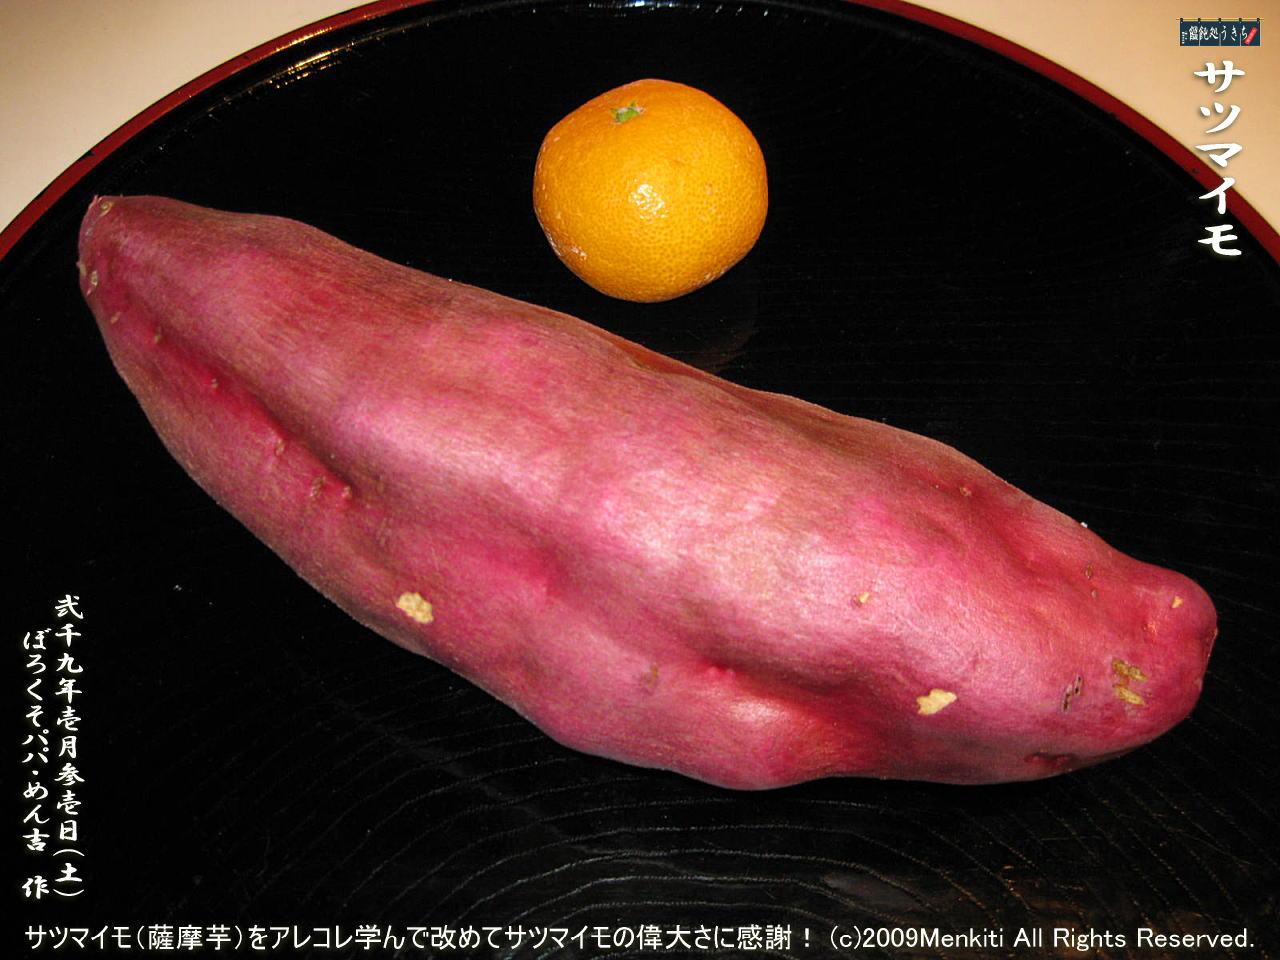 1/31(土)サツマイモの由来と歴史を学んで改めてサツマイモの偉大さに感謝!@キャツピ&めん吉の【ぼろくそパパの独り言】     ▼クリックで1280x960pxlsに拡大します。